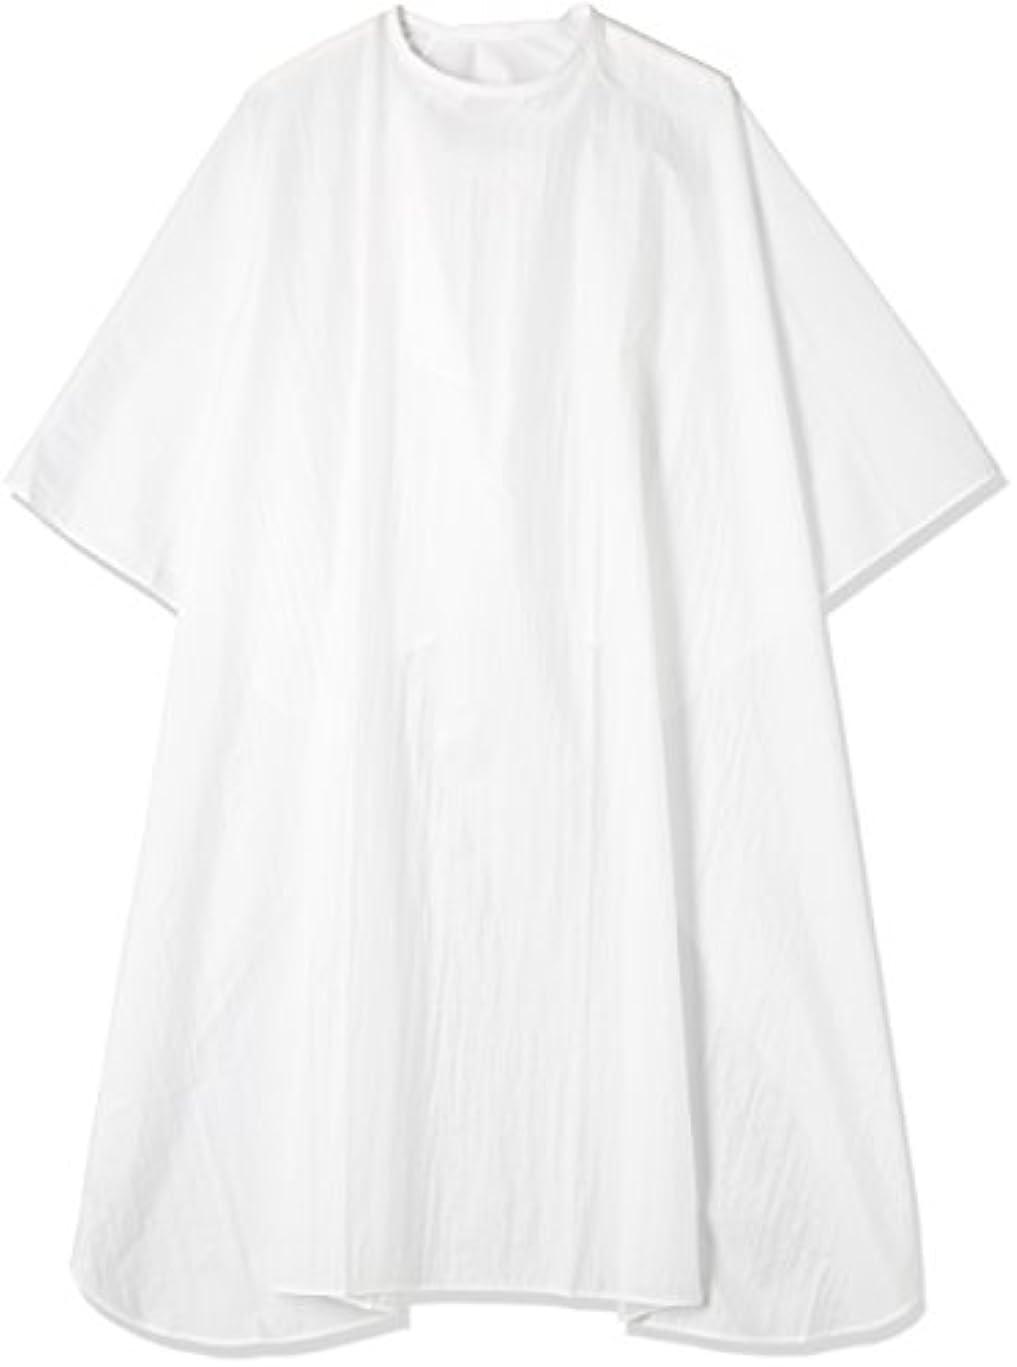 クリーナー深いマインドフルエルコ シワカラー袖なしカット ホワイト60